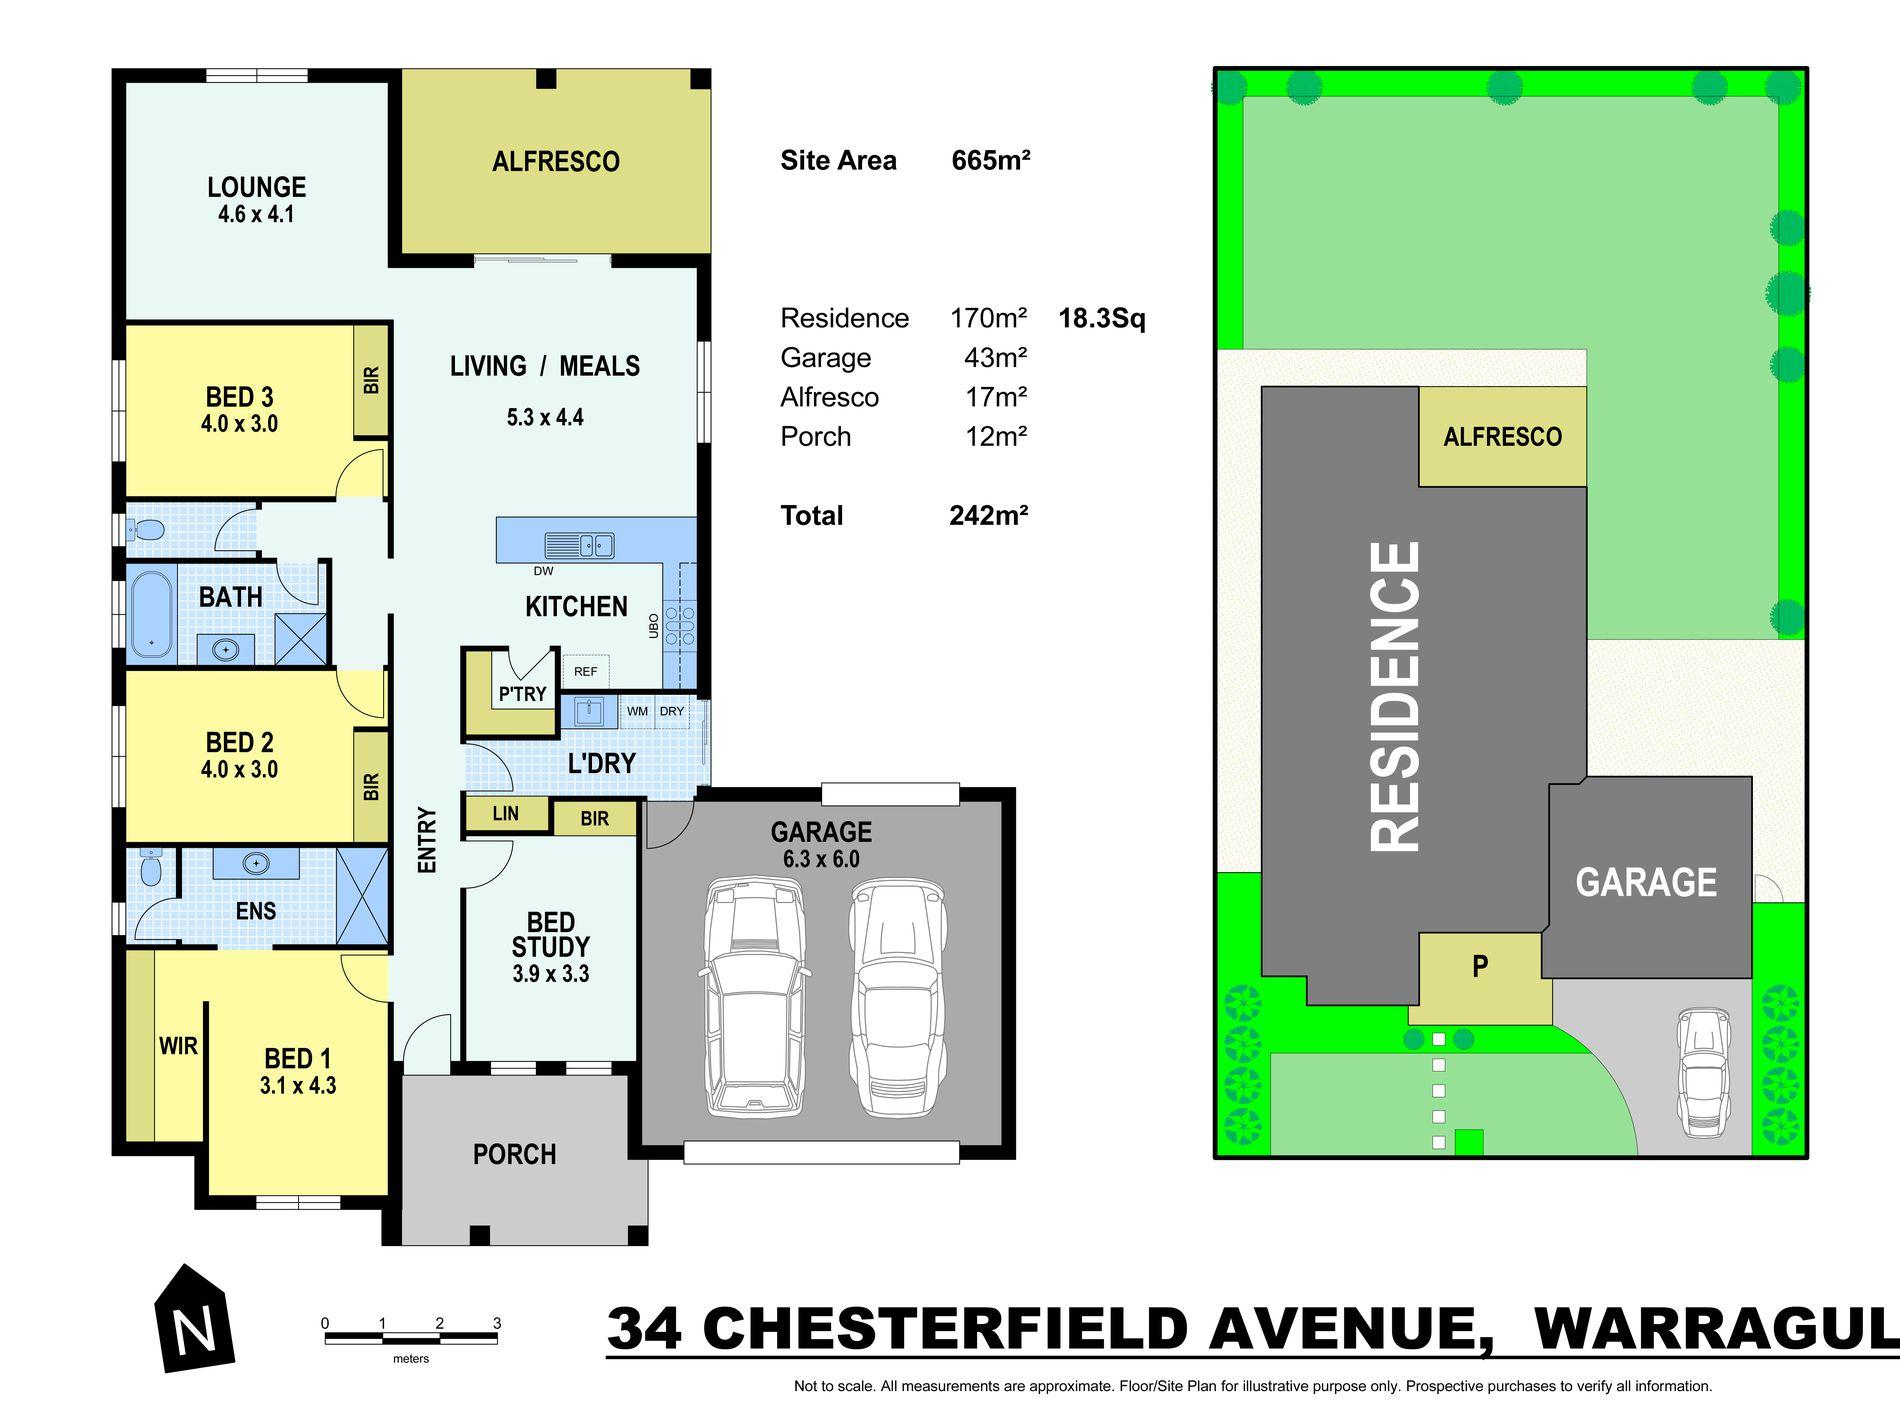 34 Chesterfield Avenue, Warragul